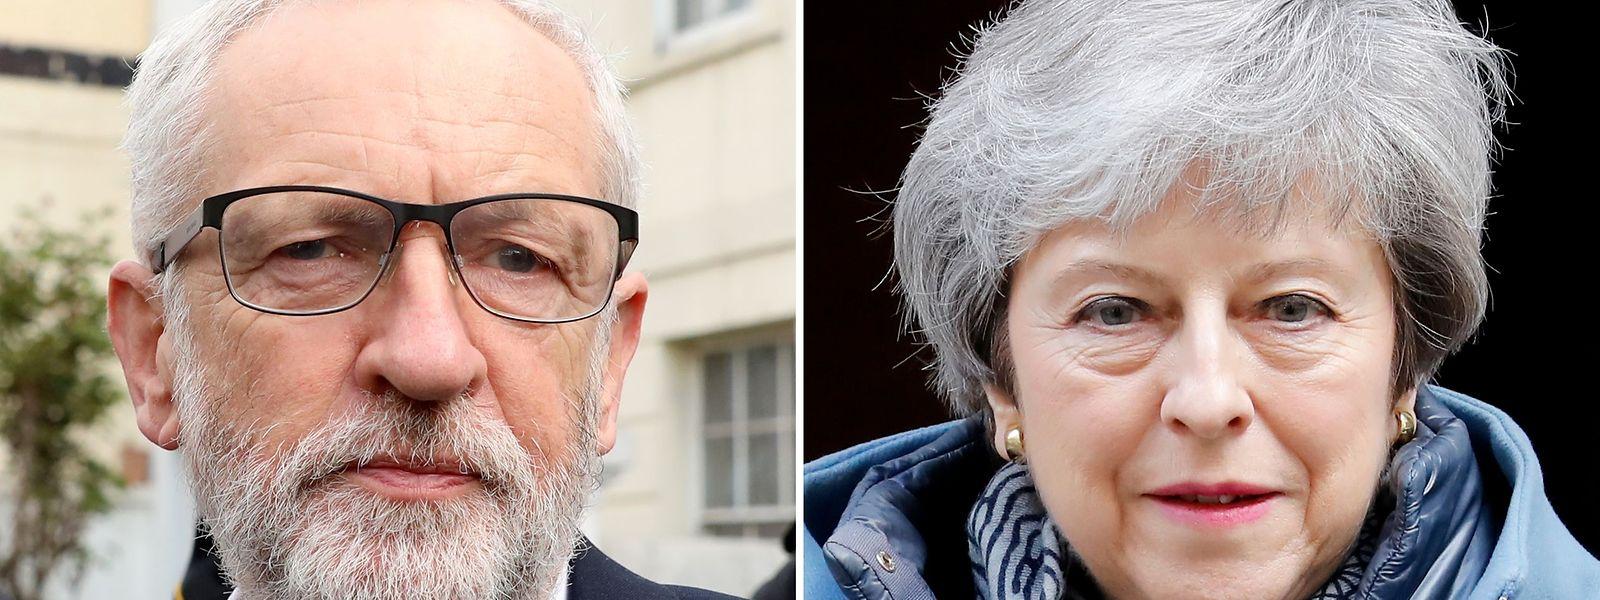 Etwa 80 Labour-Abgeordnete forderten ihren Chef Jeremy Corbyn in einem Brief auf, ein zweites Referendum zu garantieren, falls ein Kompromiss mit Theresa May doch noch zustandekommen sollte.